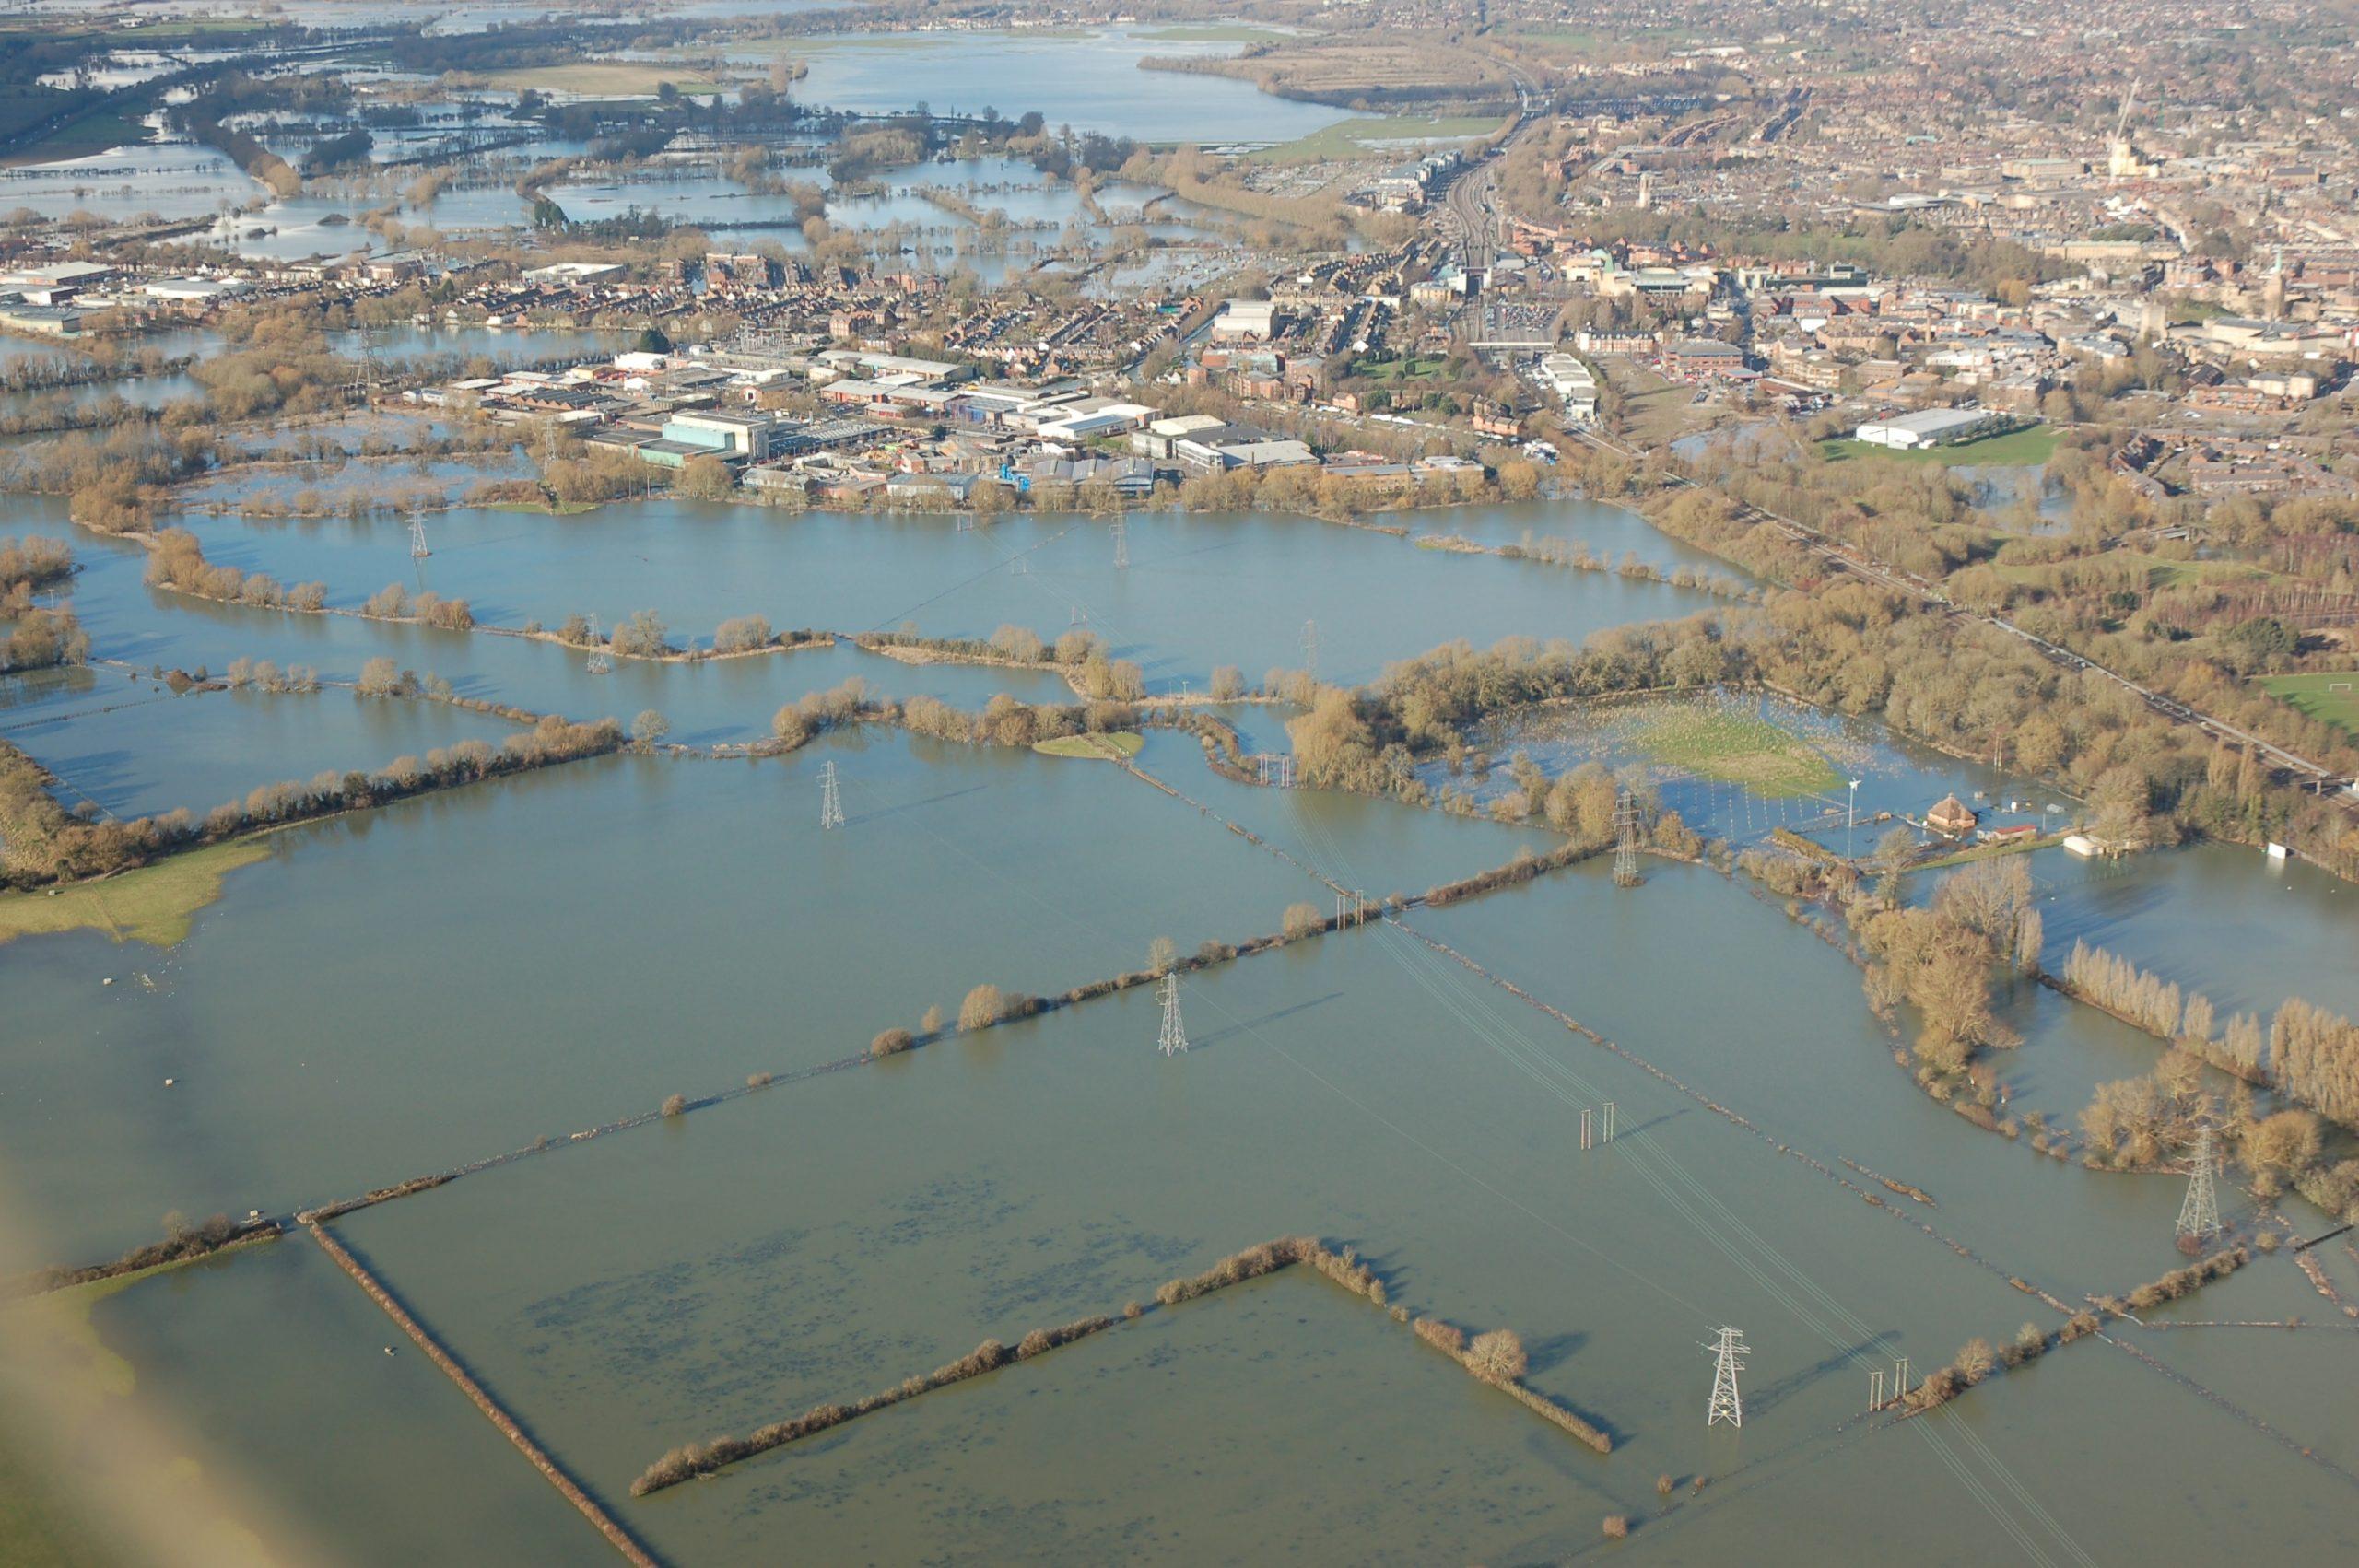 UK Floods: Oxford Still Underwater – February 2014